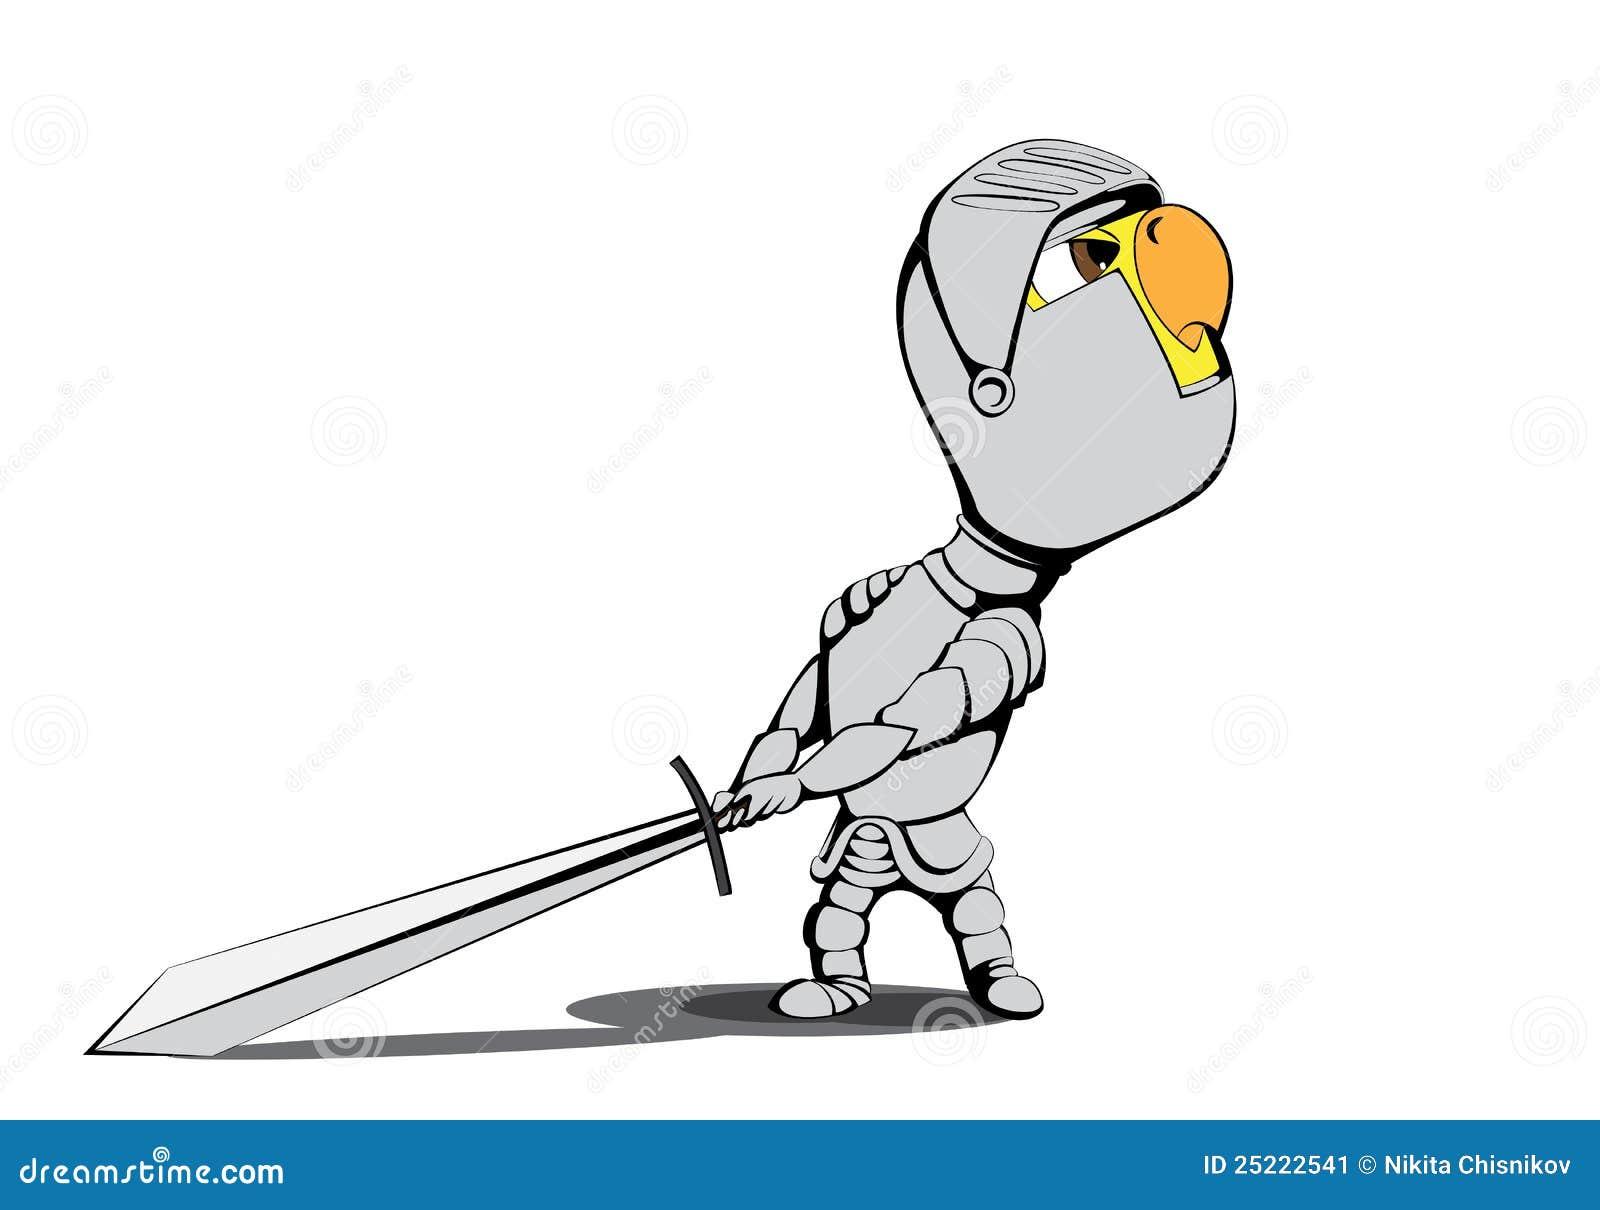 小鸡骑士图片